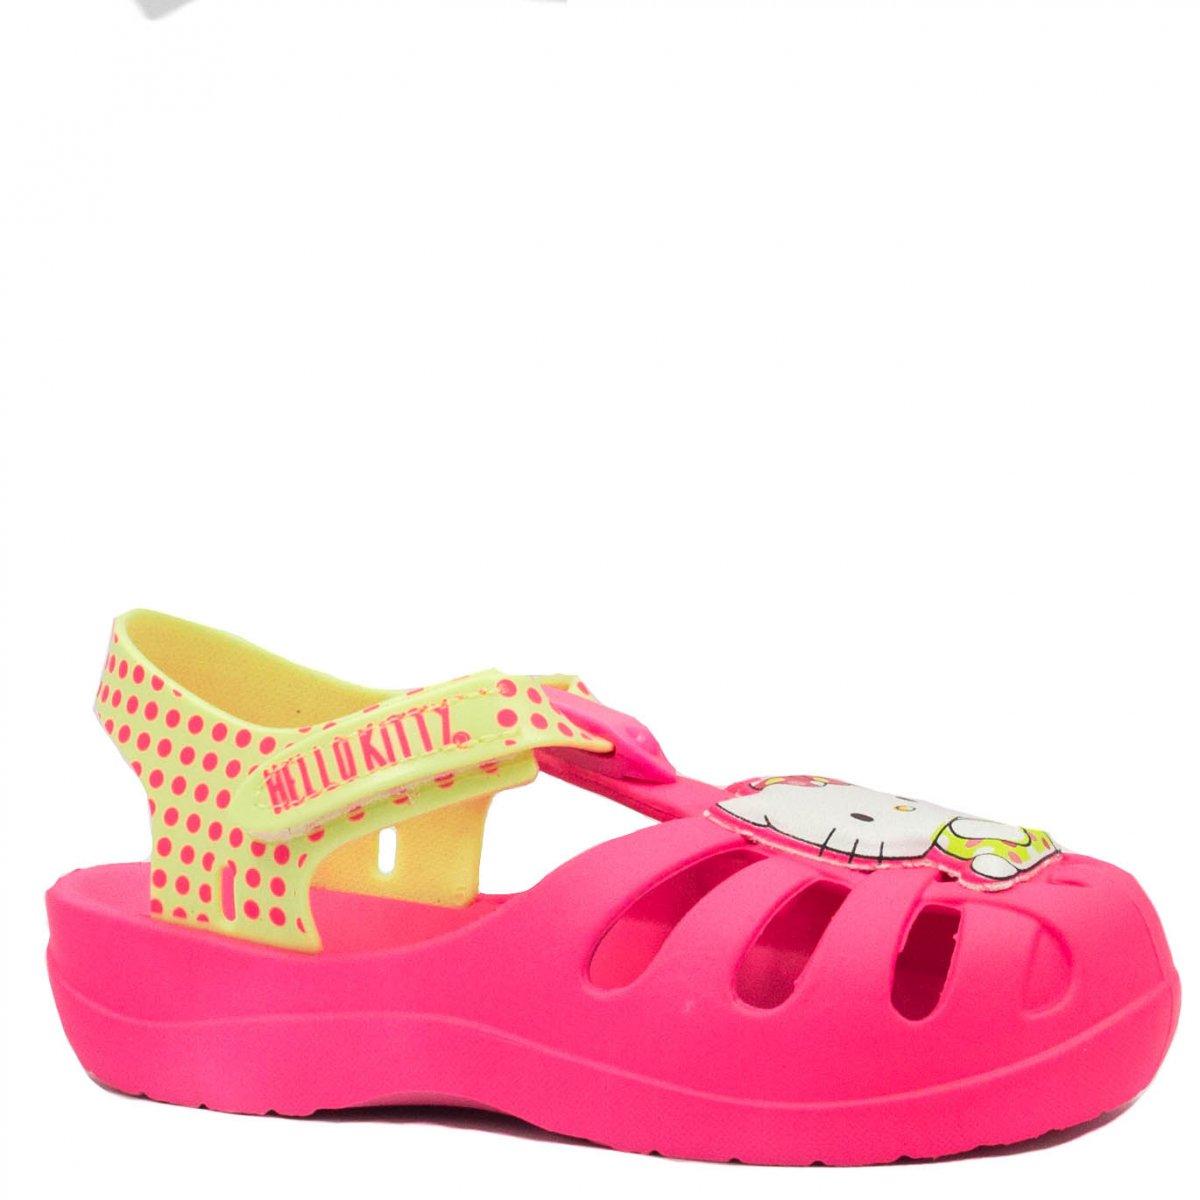 d5136f510 Sandália Infantil Grendene Hello Kitty 21880 | Betisa